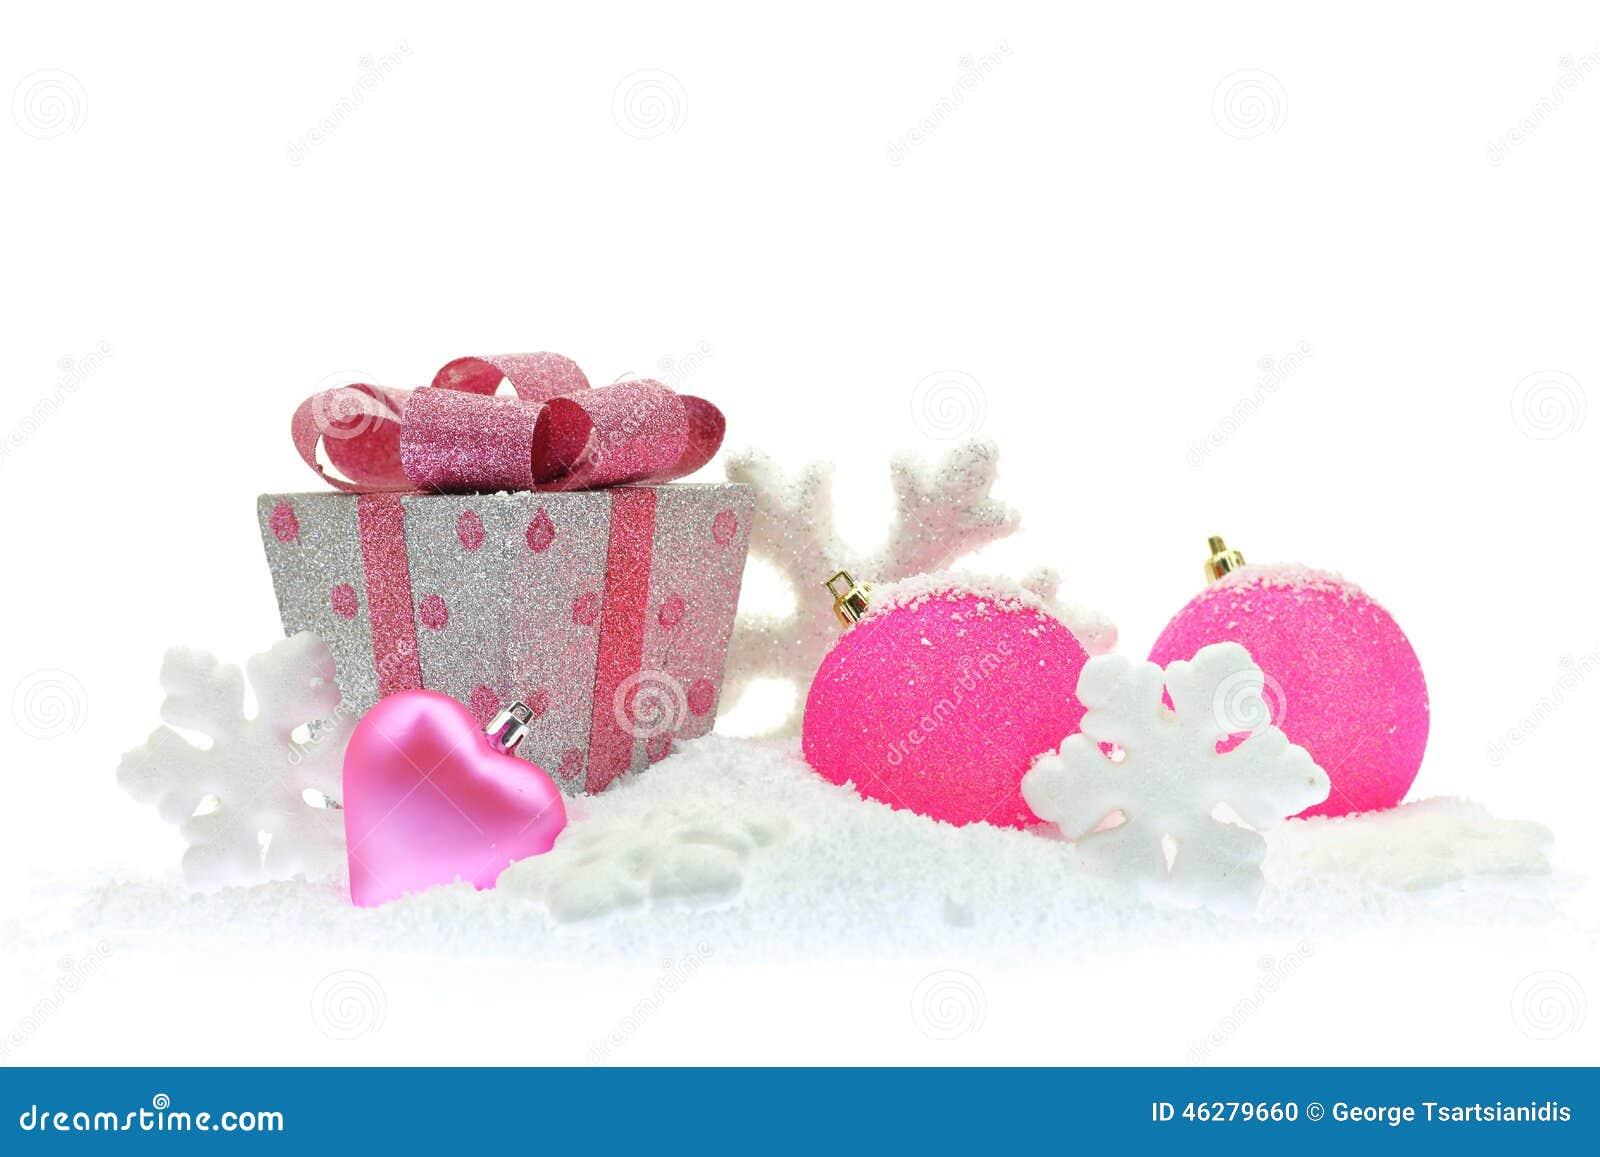 Boîte cadeau et Noël rose photo stock. Image du cadeau   46279660